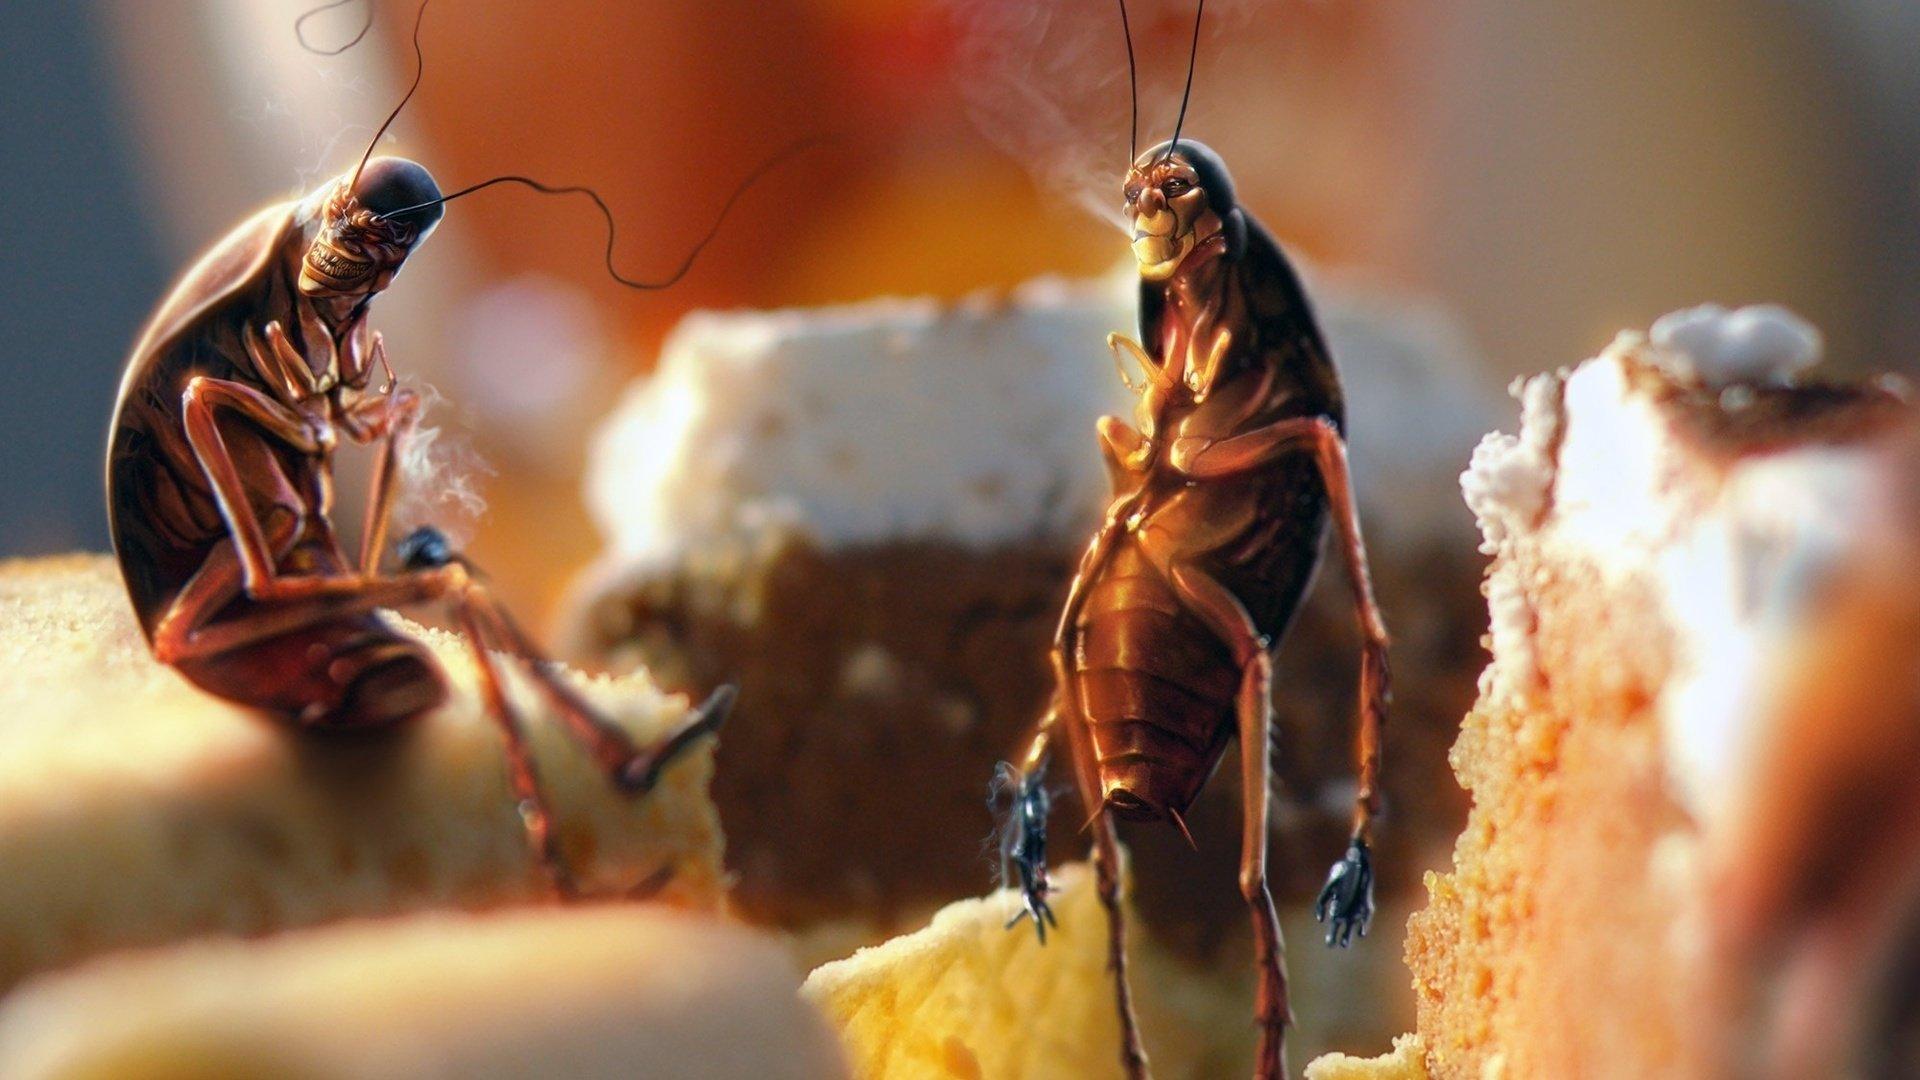 Стало известно о начале продаж хлеба из насекомых в Финляндии